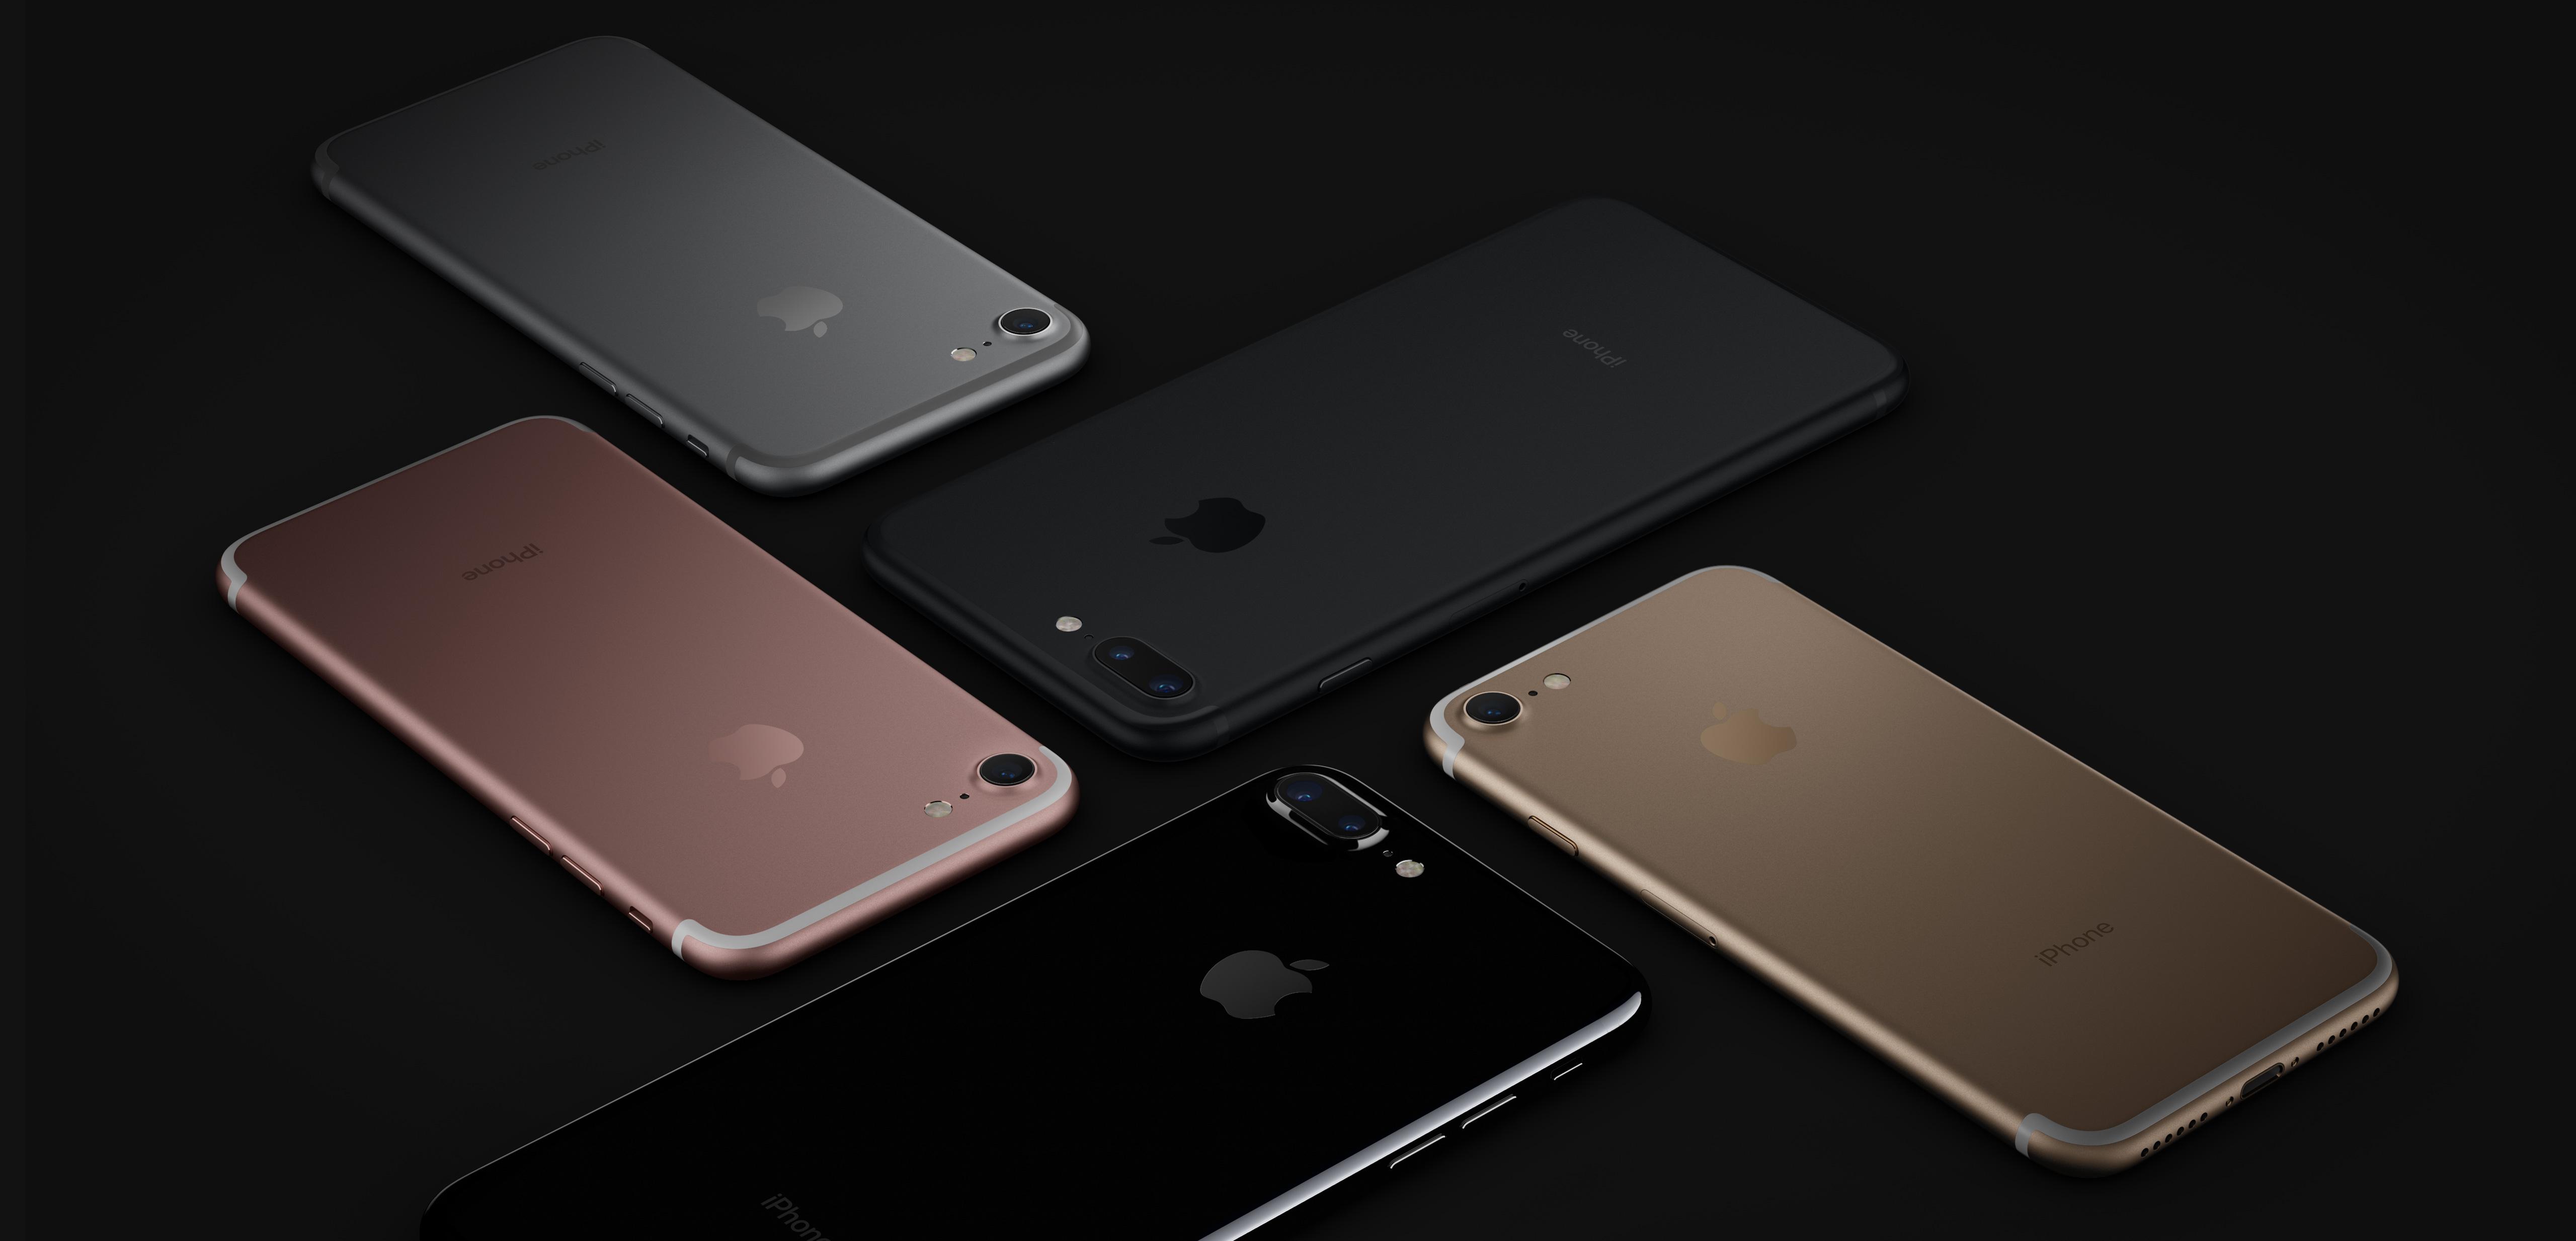 아이폰 7, 7 플러스 리뷰 모아보기 : 외신들이 평가하는 iPhone 7 시리즈